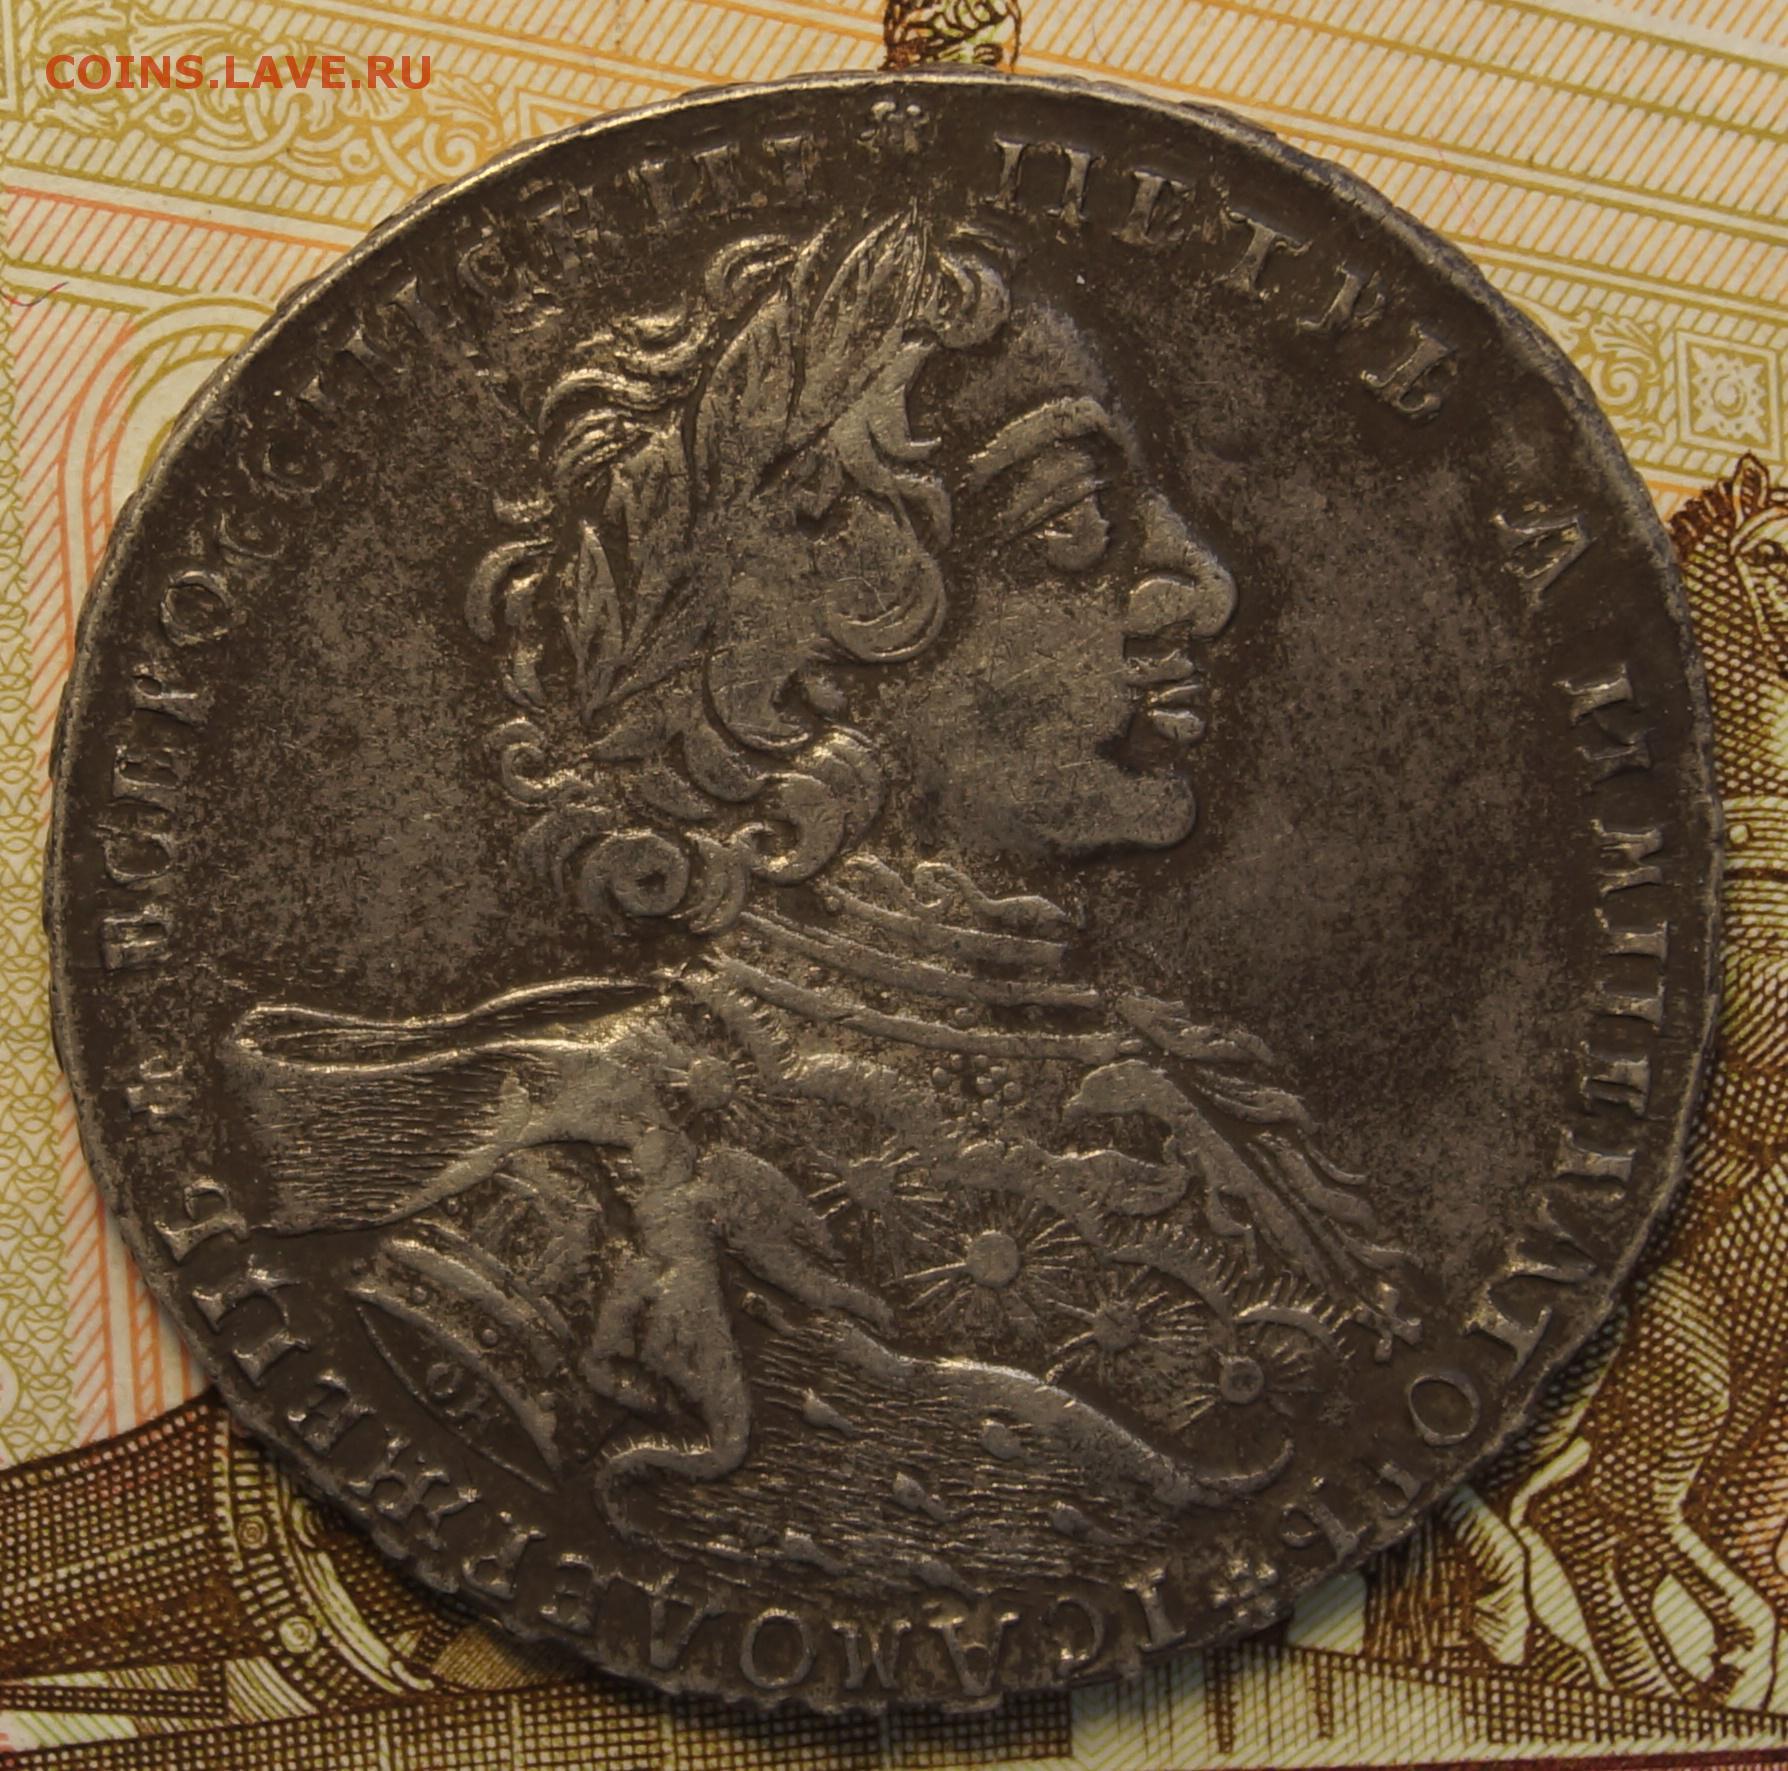 1 РУБЛЬ 1723 ОК Портрет в горностаевой мантии - DSC07834.JPG